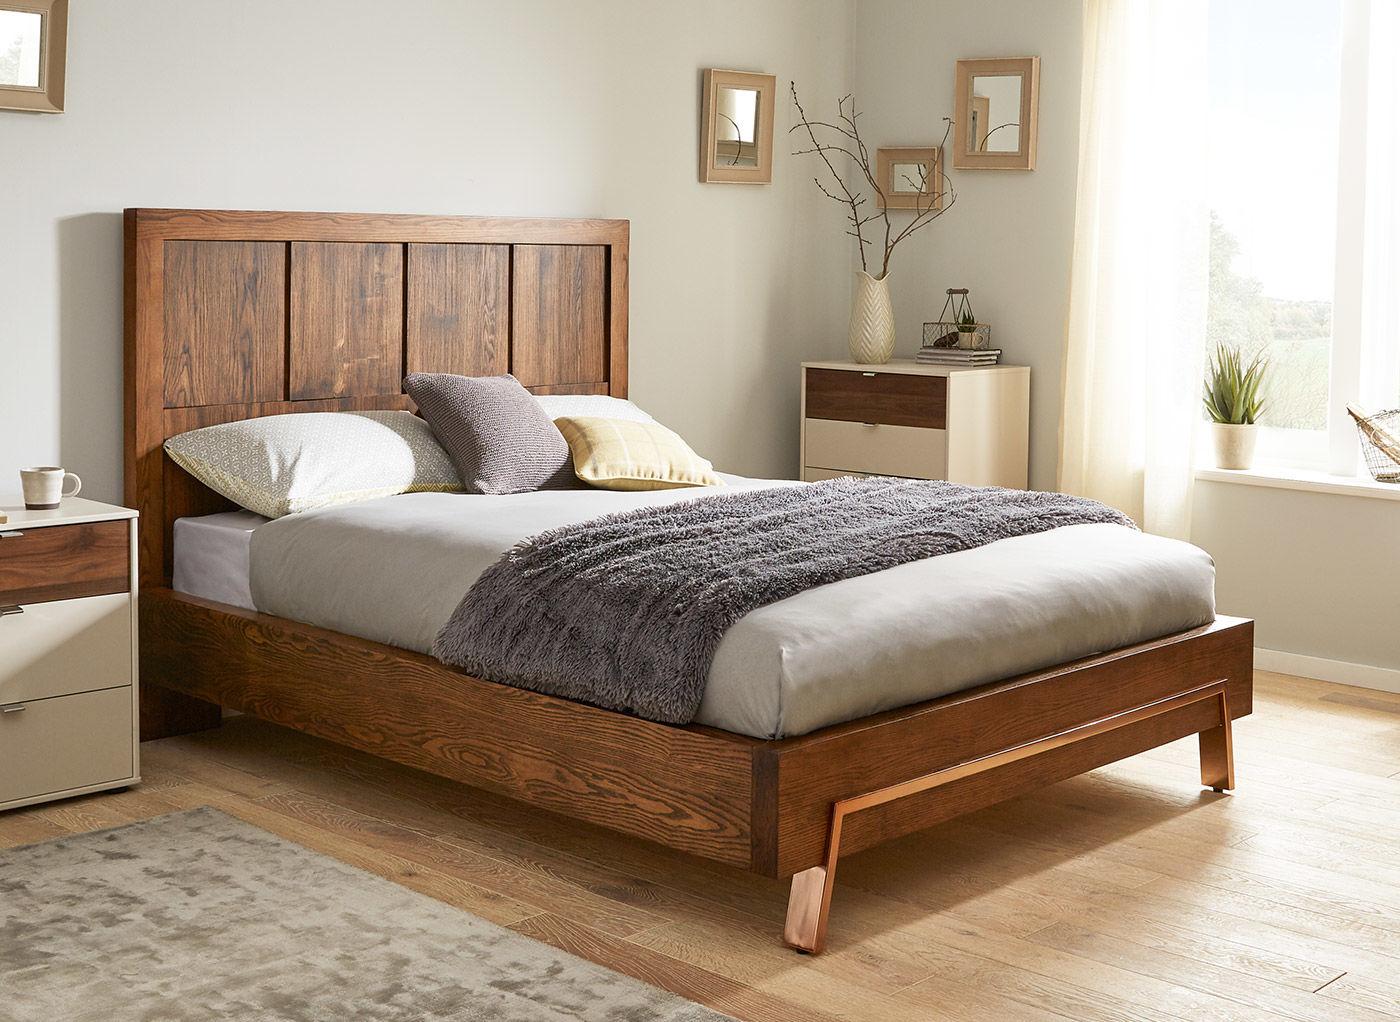 Giá giường ngủ có ngăn kéo thuộc tầm trung